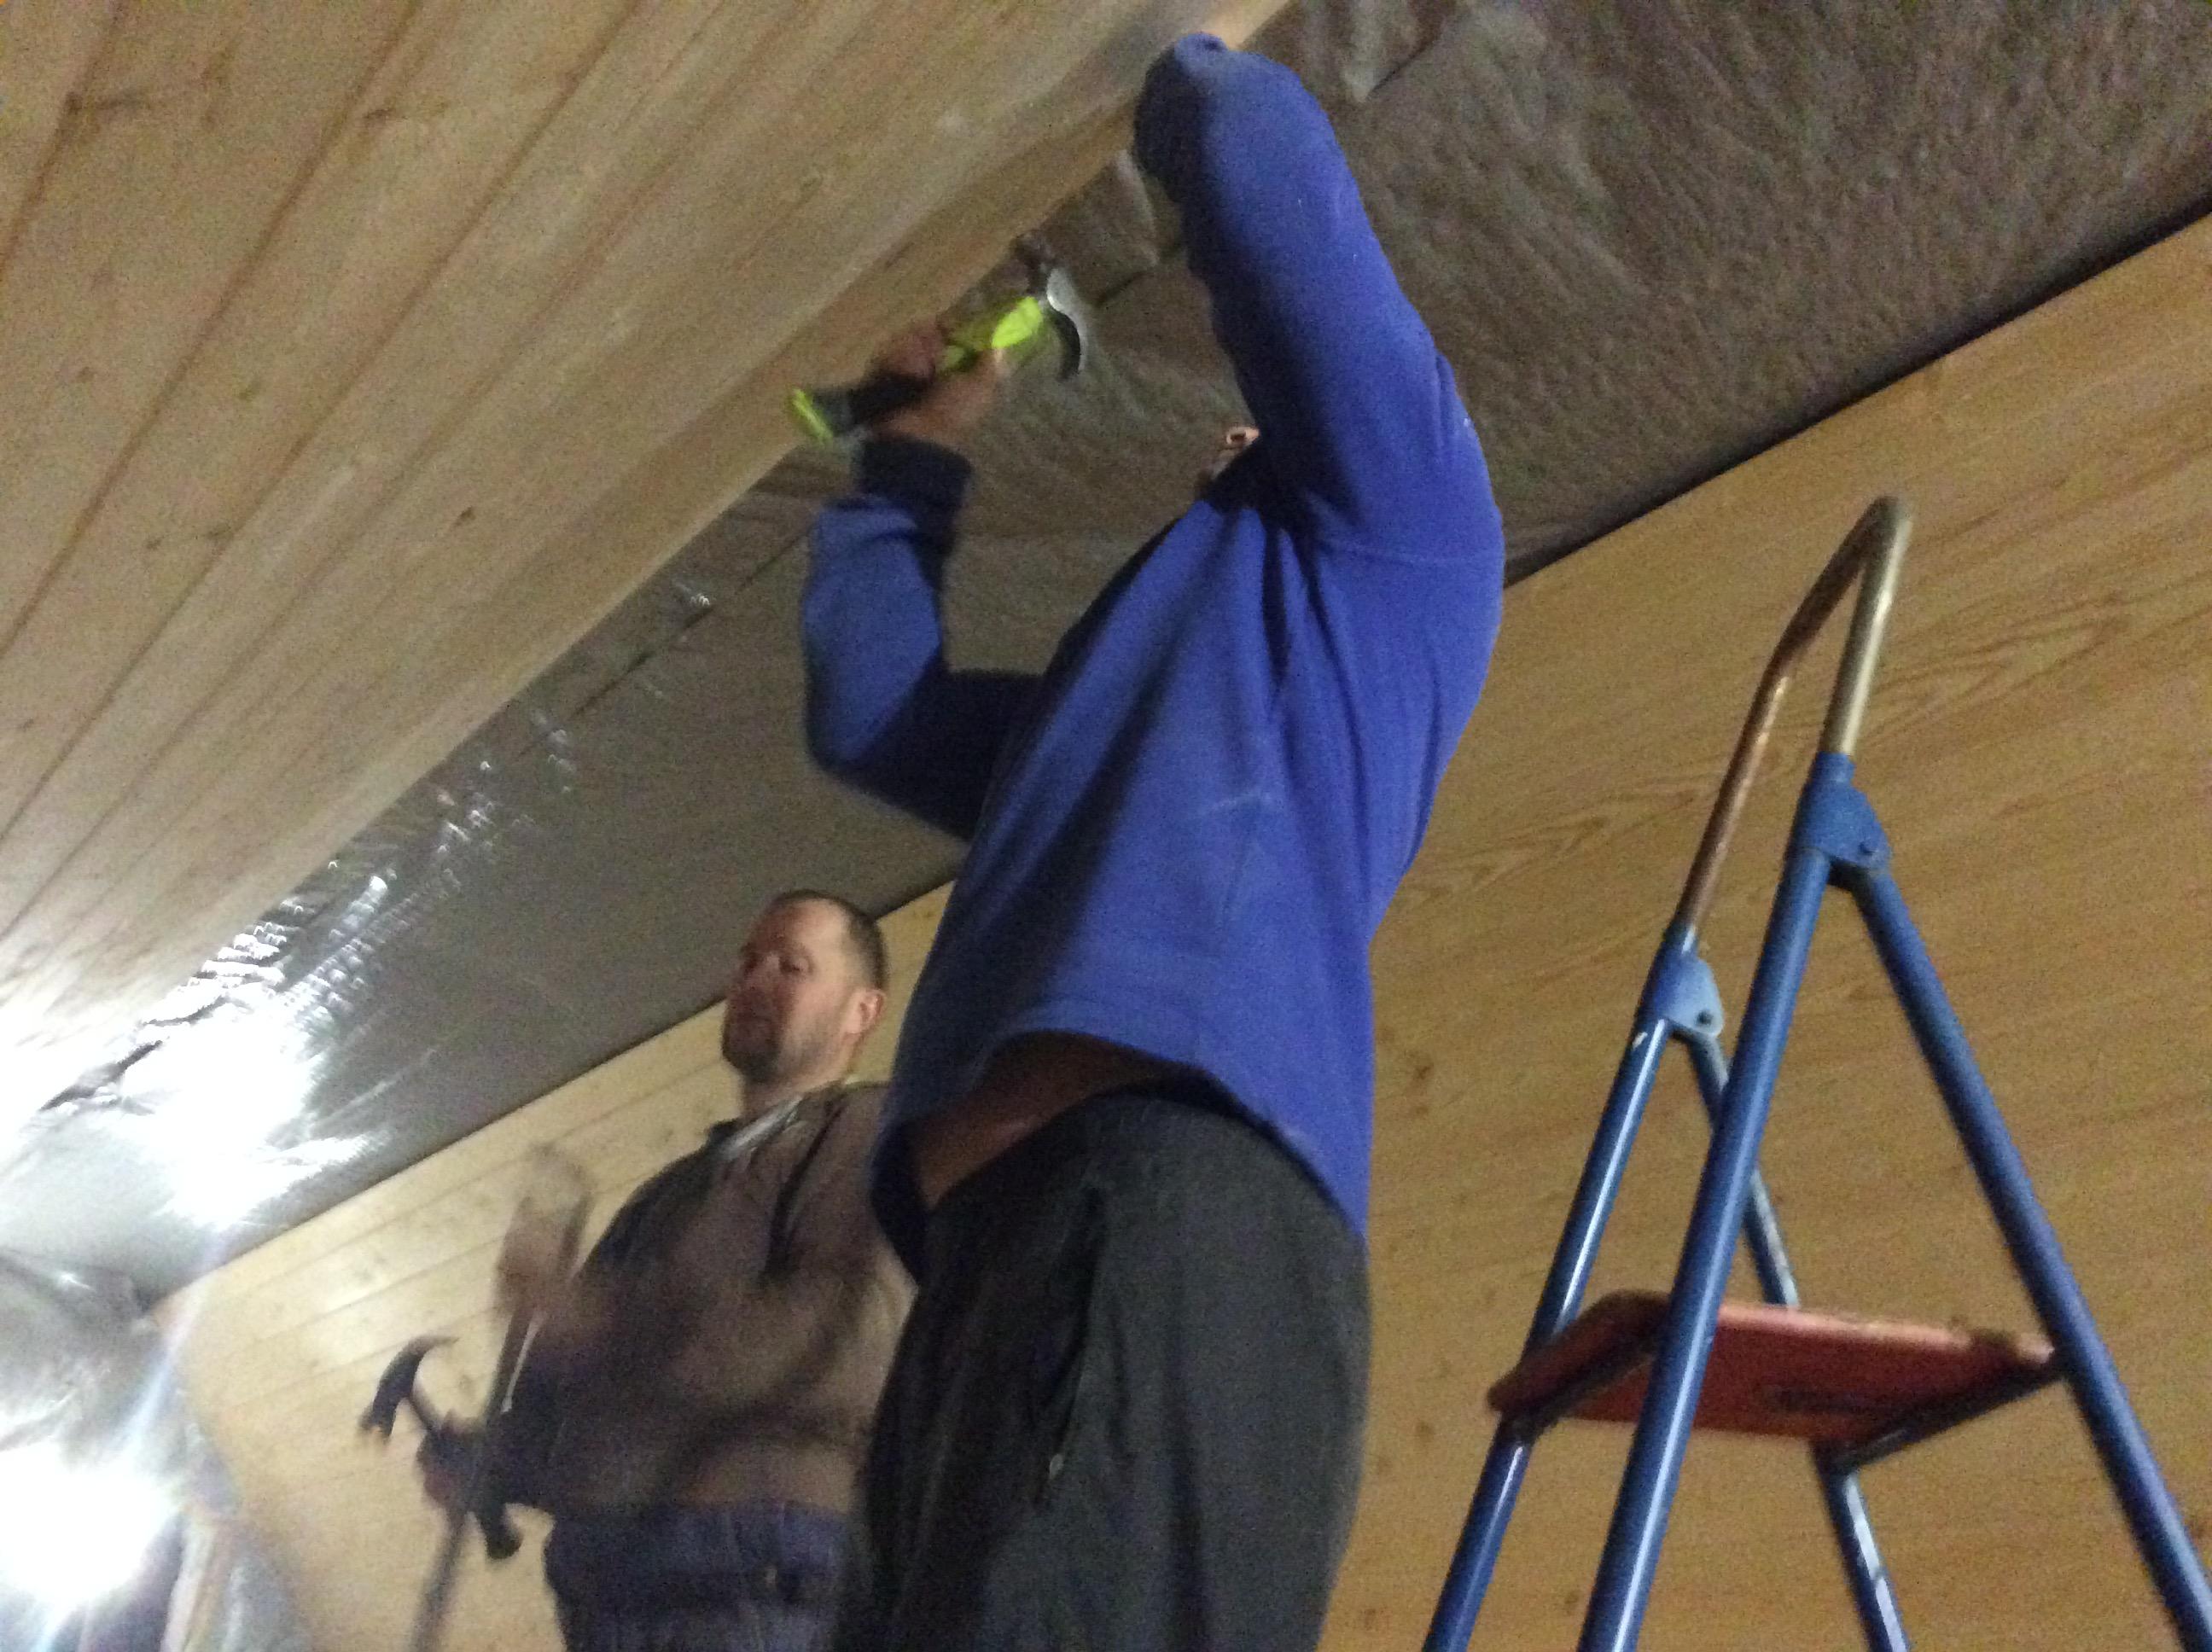 Работает бригада плотников из Санкт-Петербурга